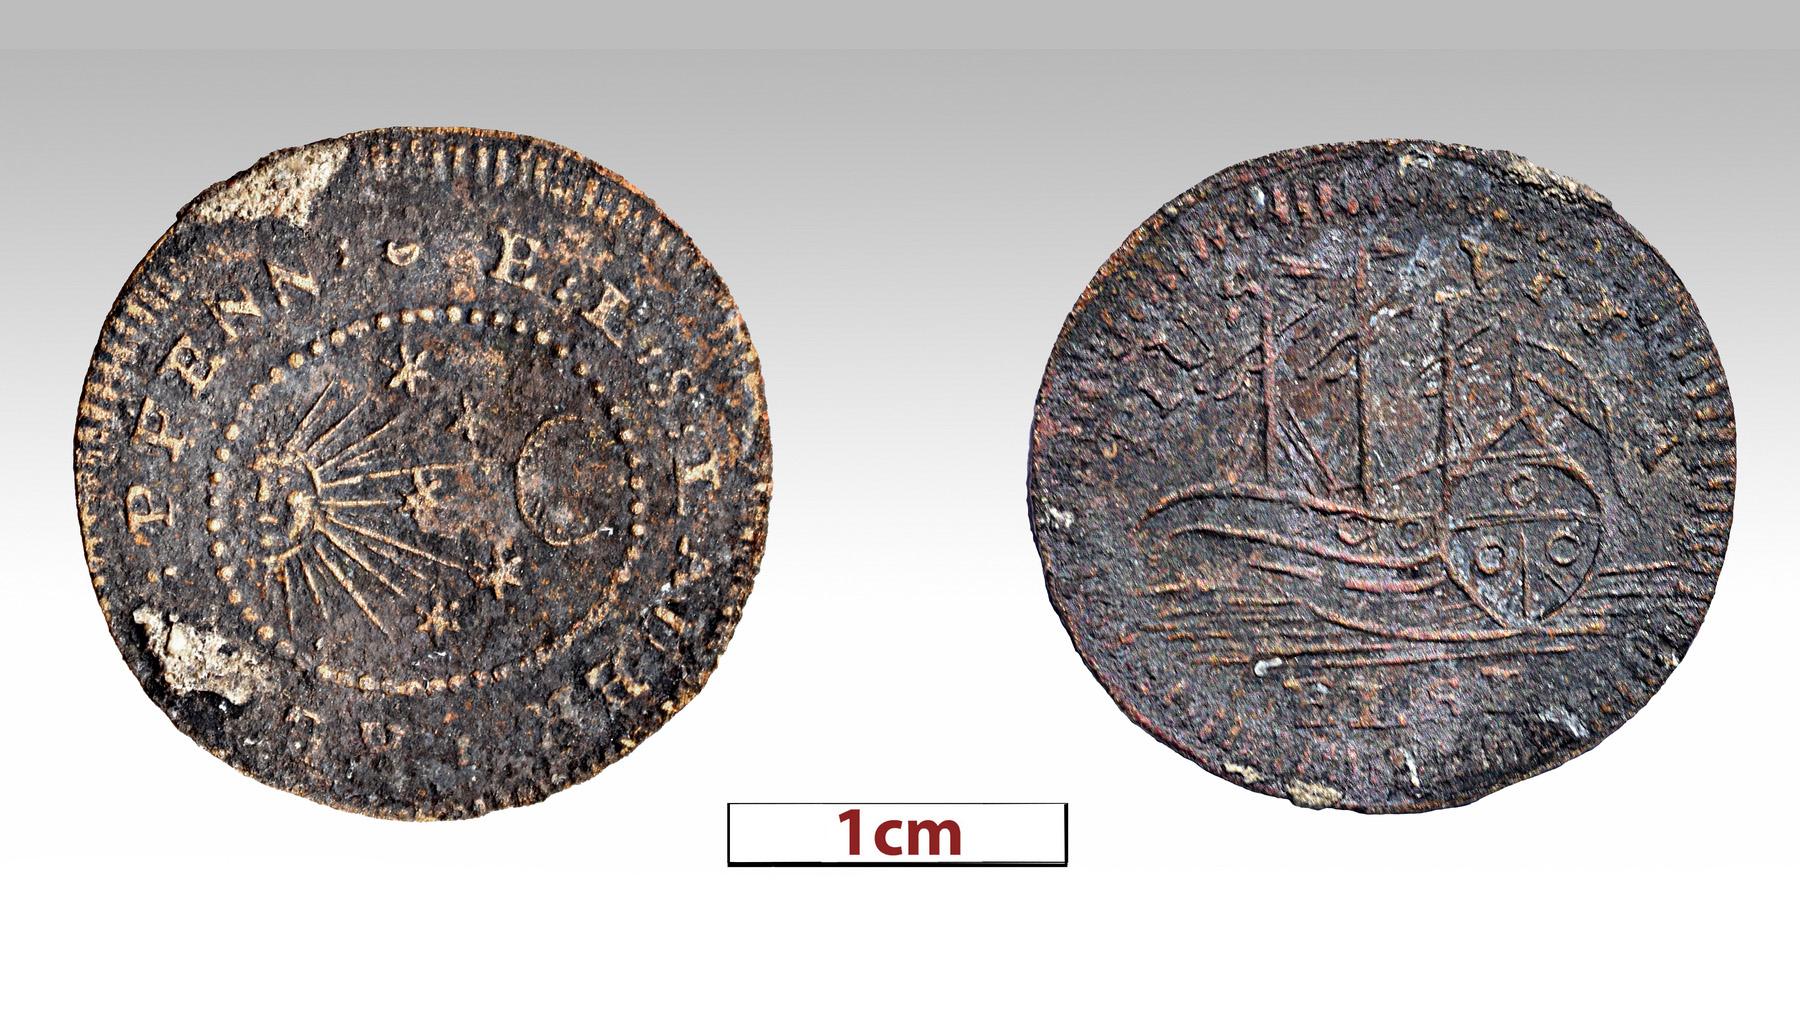 On pense que cette pièce de monnaie ou pièce de jeu en métal récupérée lors des dernières fouilles a été utilisée comme jeton dans un jeu de cartes.